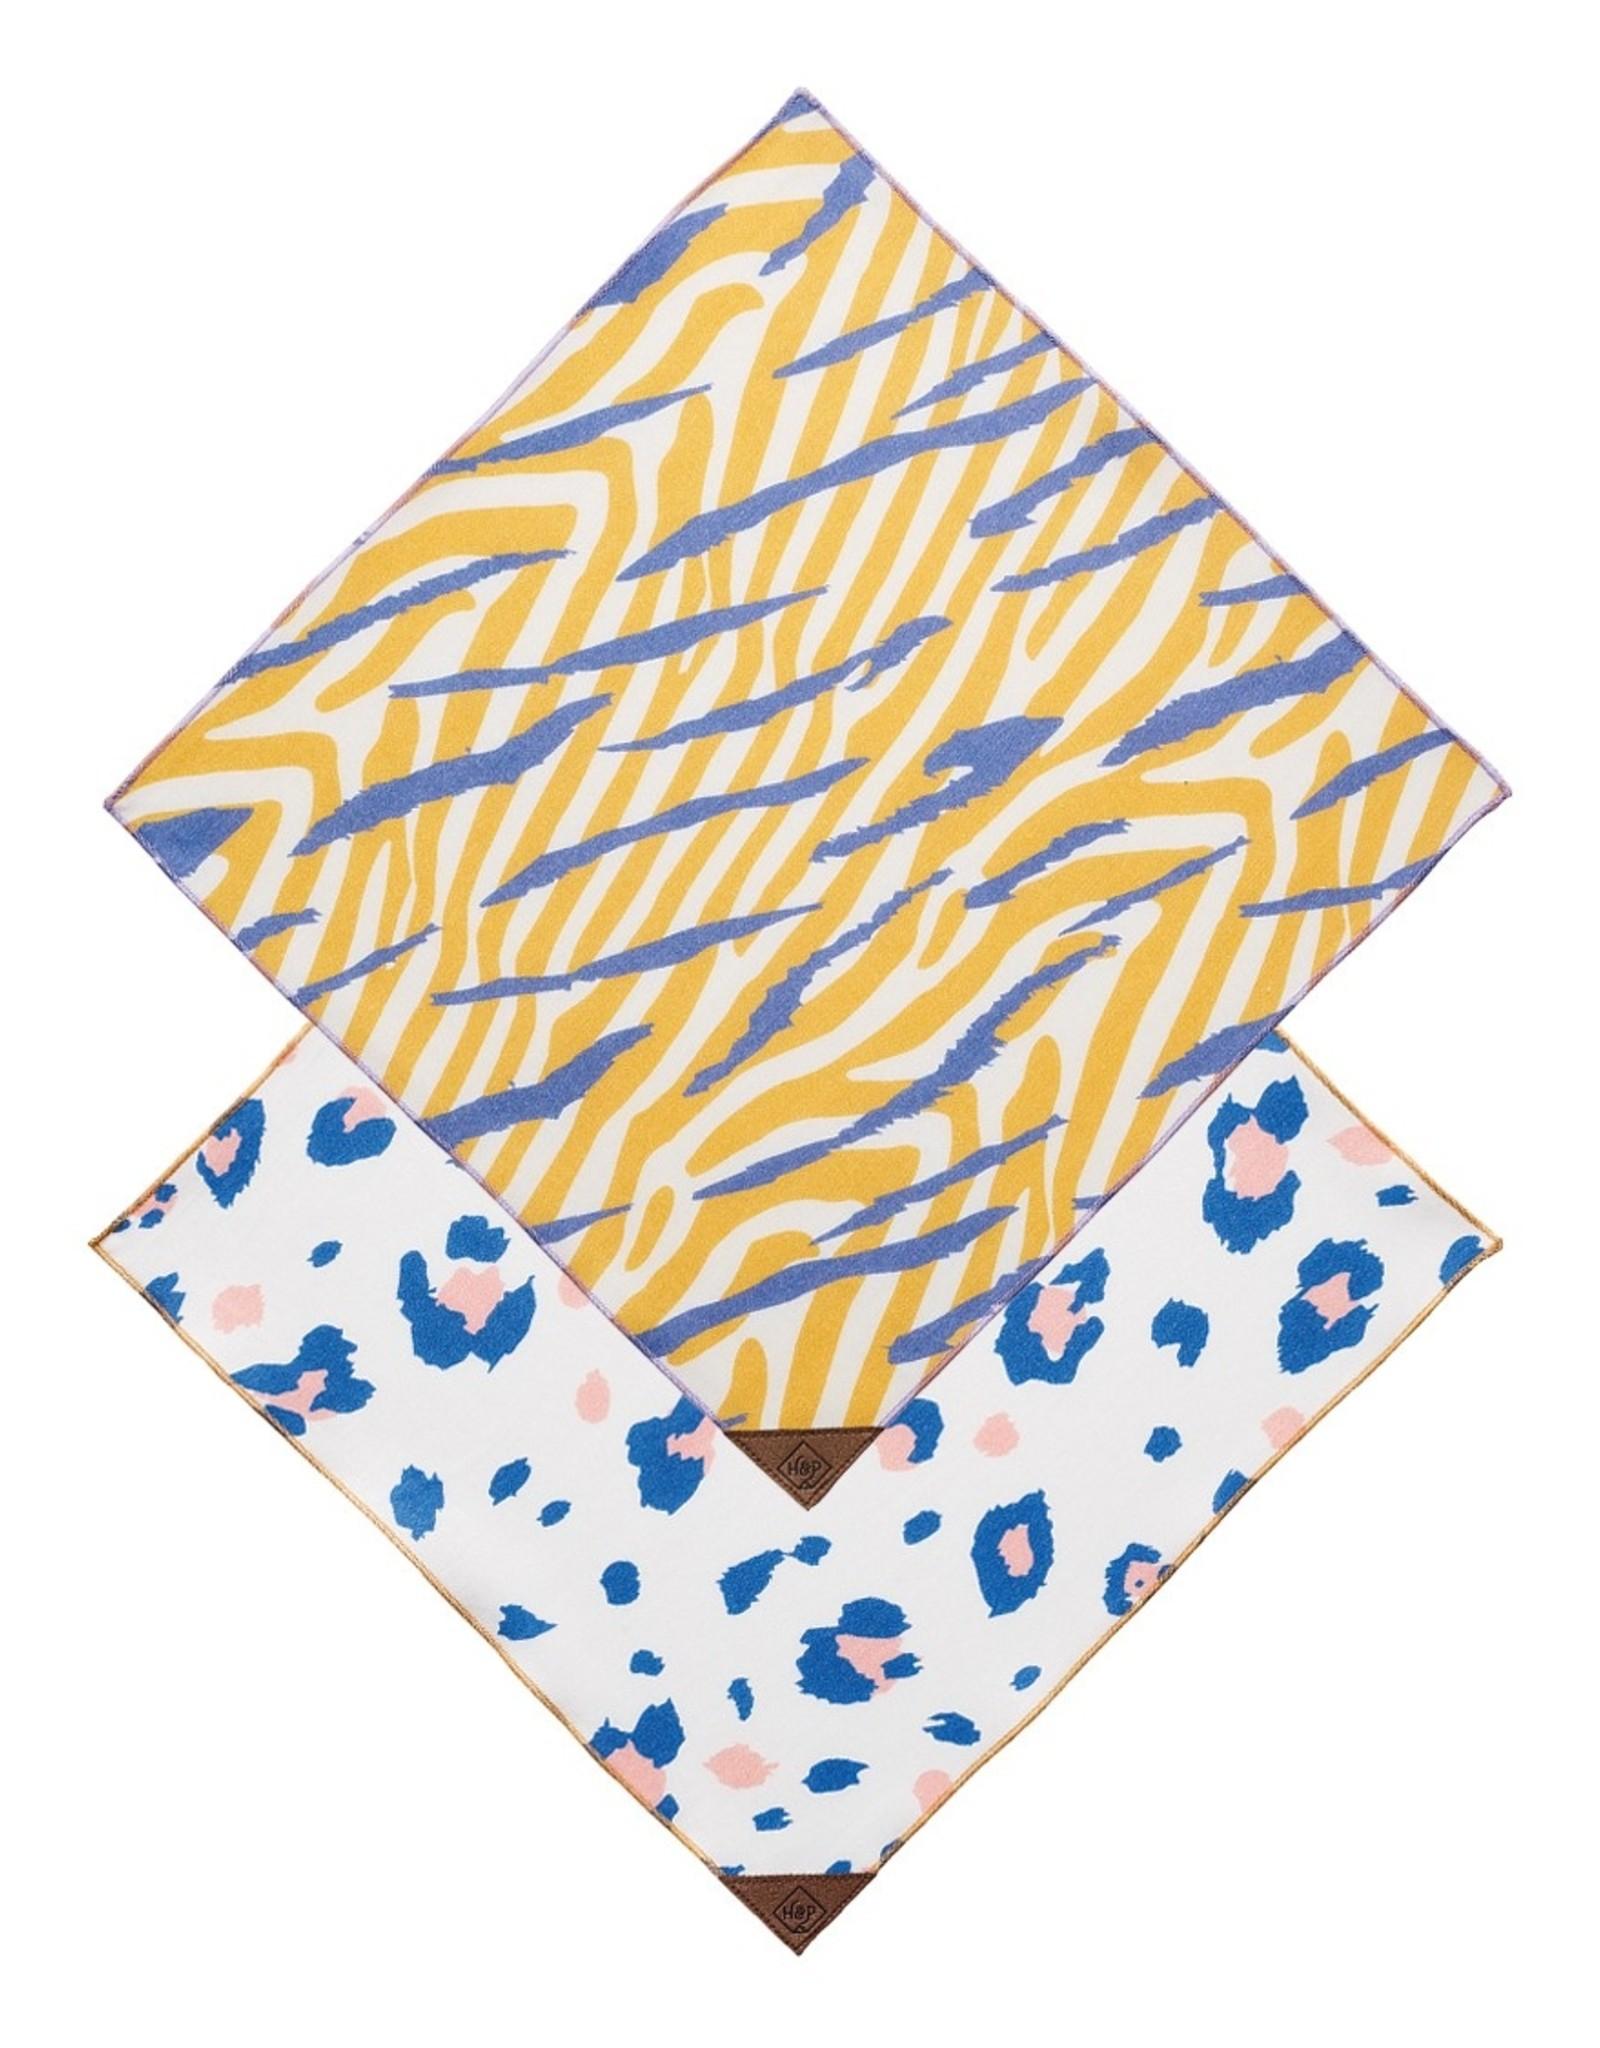 Huff&Puff Handkerchief